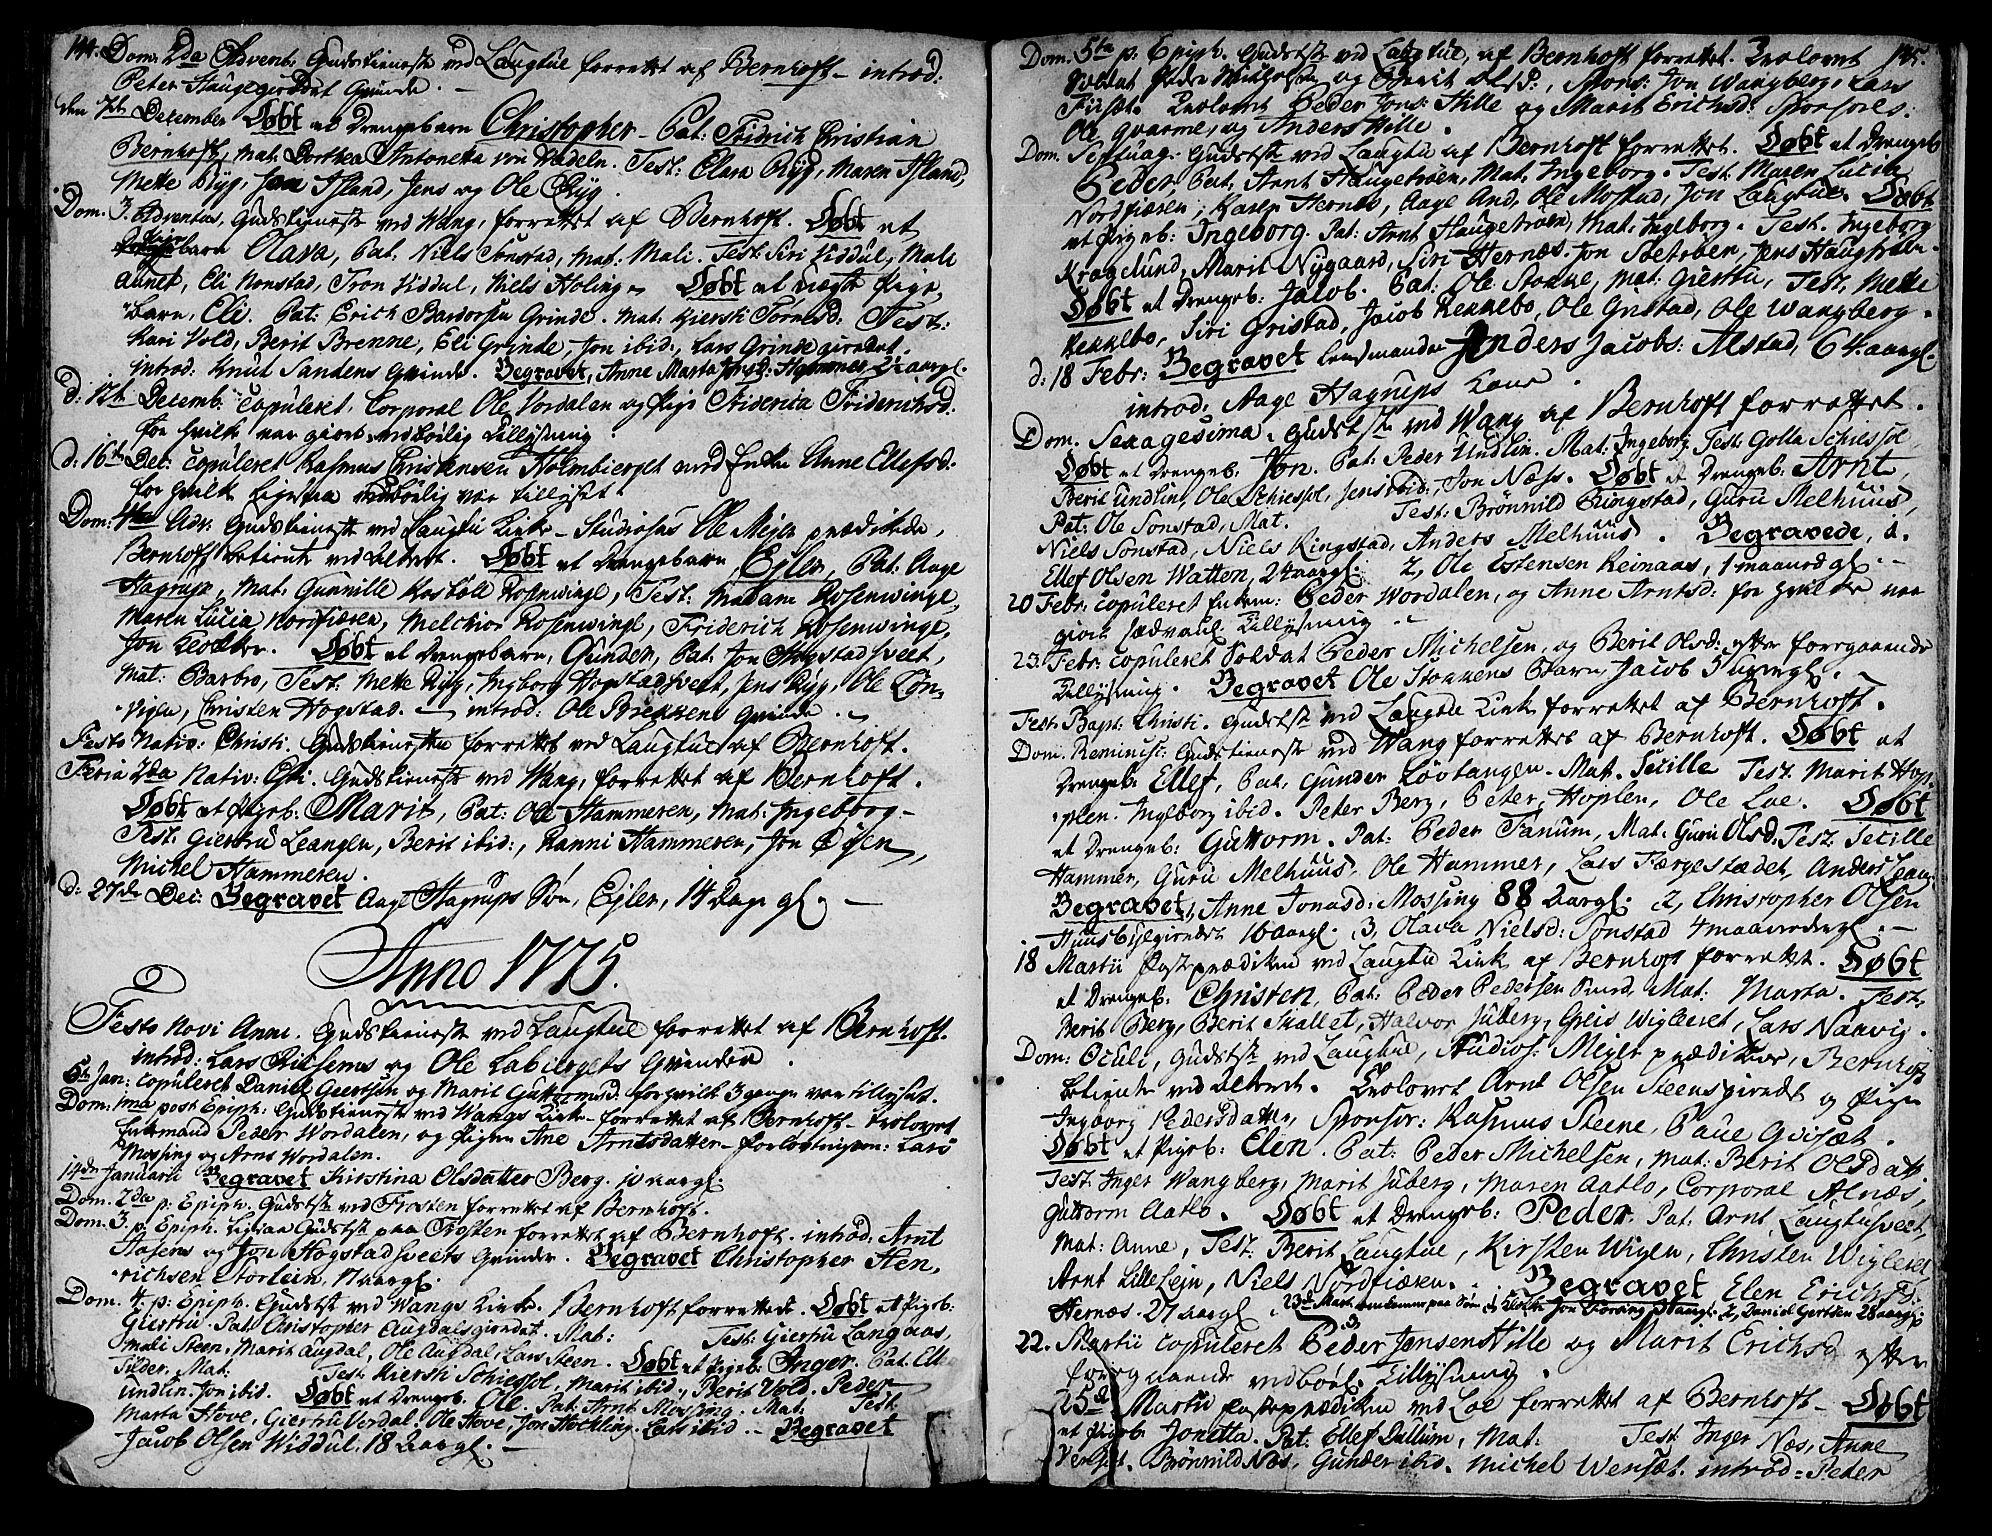 SAT, Ministerialprotokoller, klokkerbøker og fødselsregistre - Nord-Trøndelag, 713/L0109: Ministerialbok nr. 713A01, 1750-1778, s. 144-145